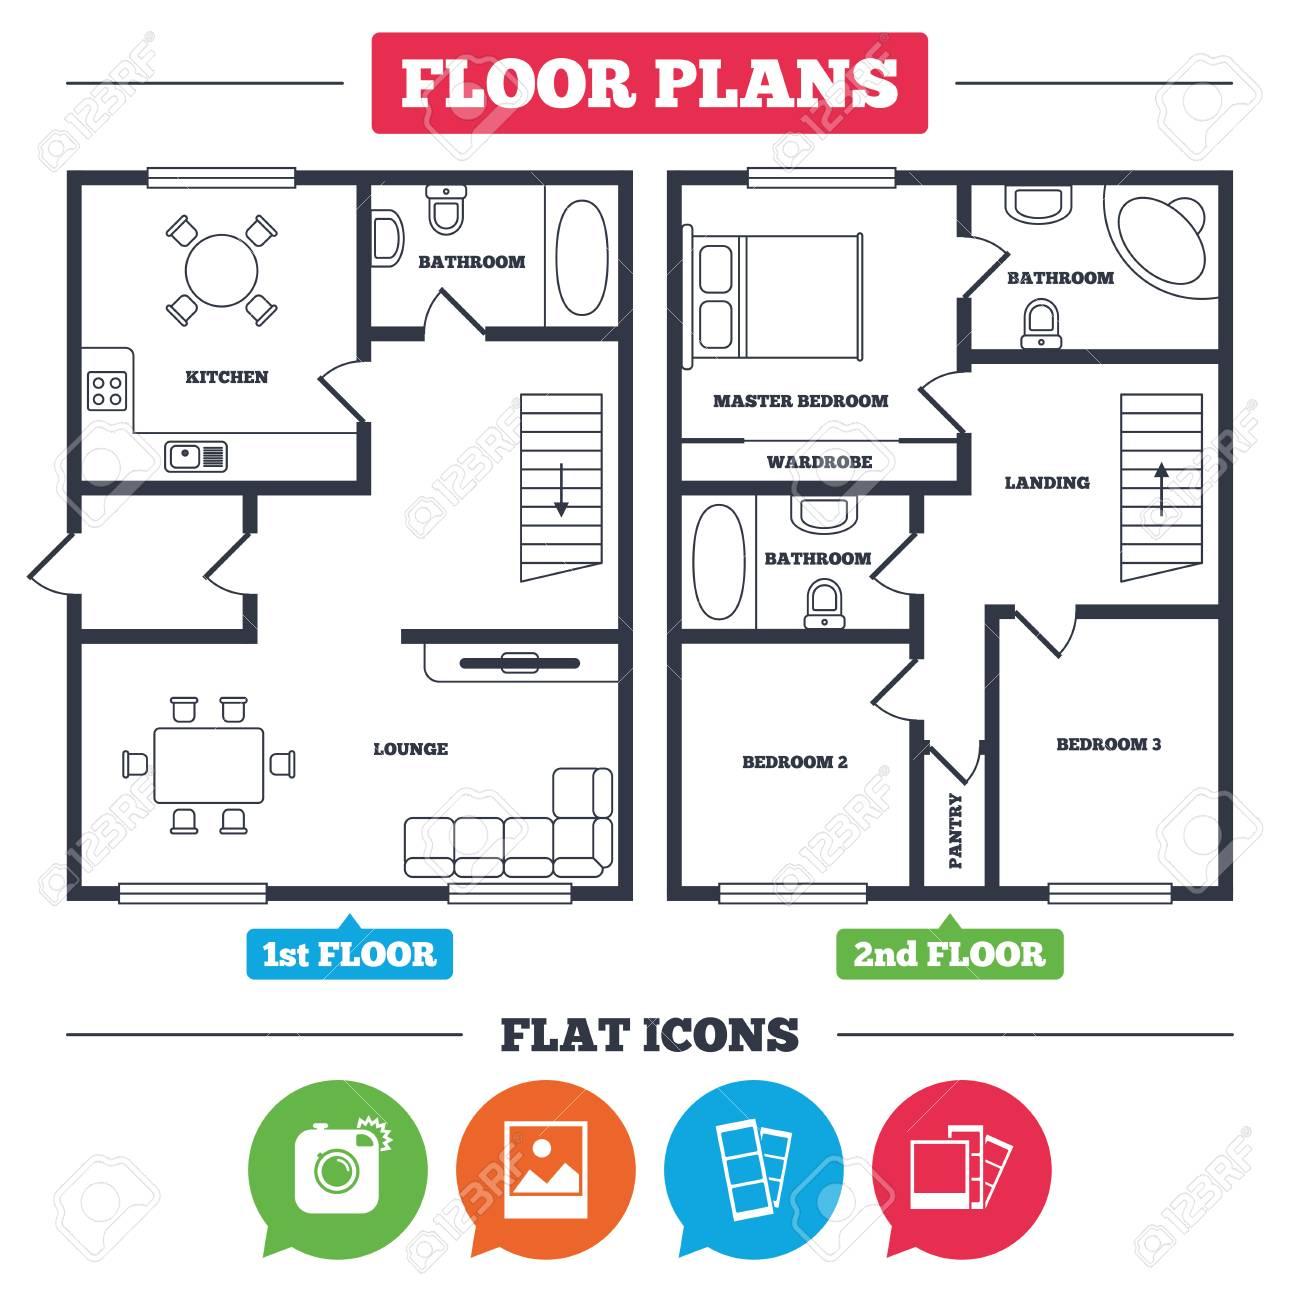 Plan De Arquitectura Con Muebles. Plano De La Casa Hipster Icono De ...